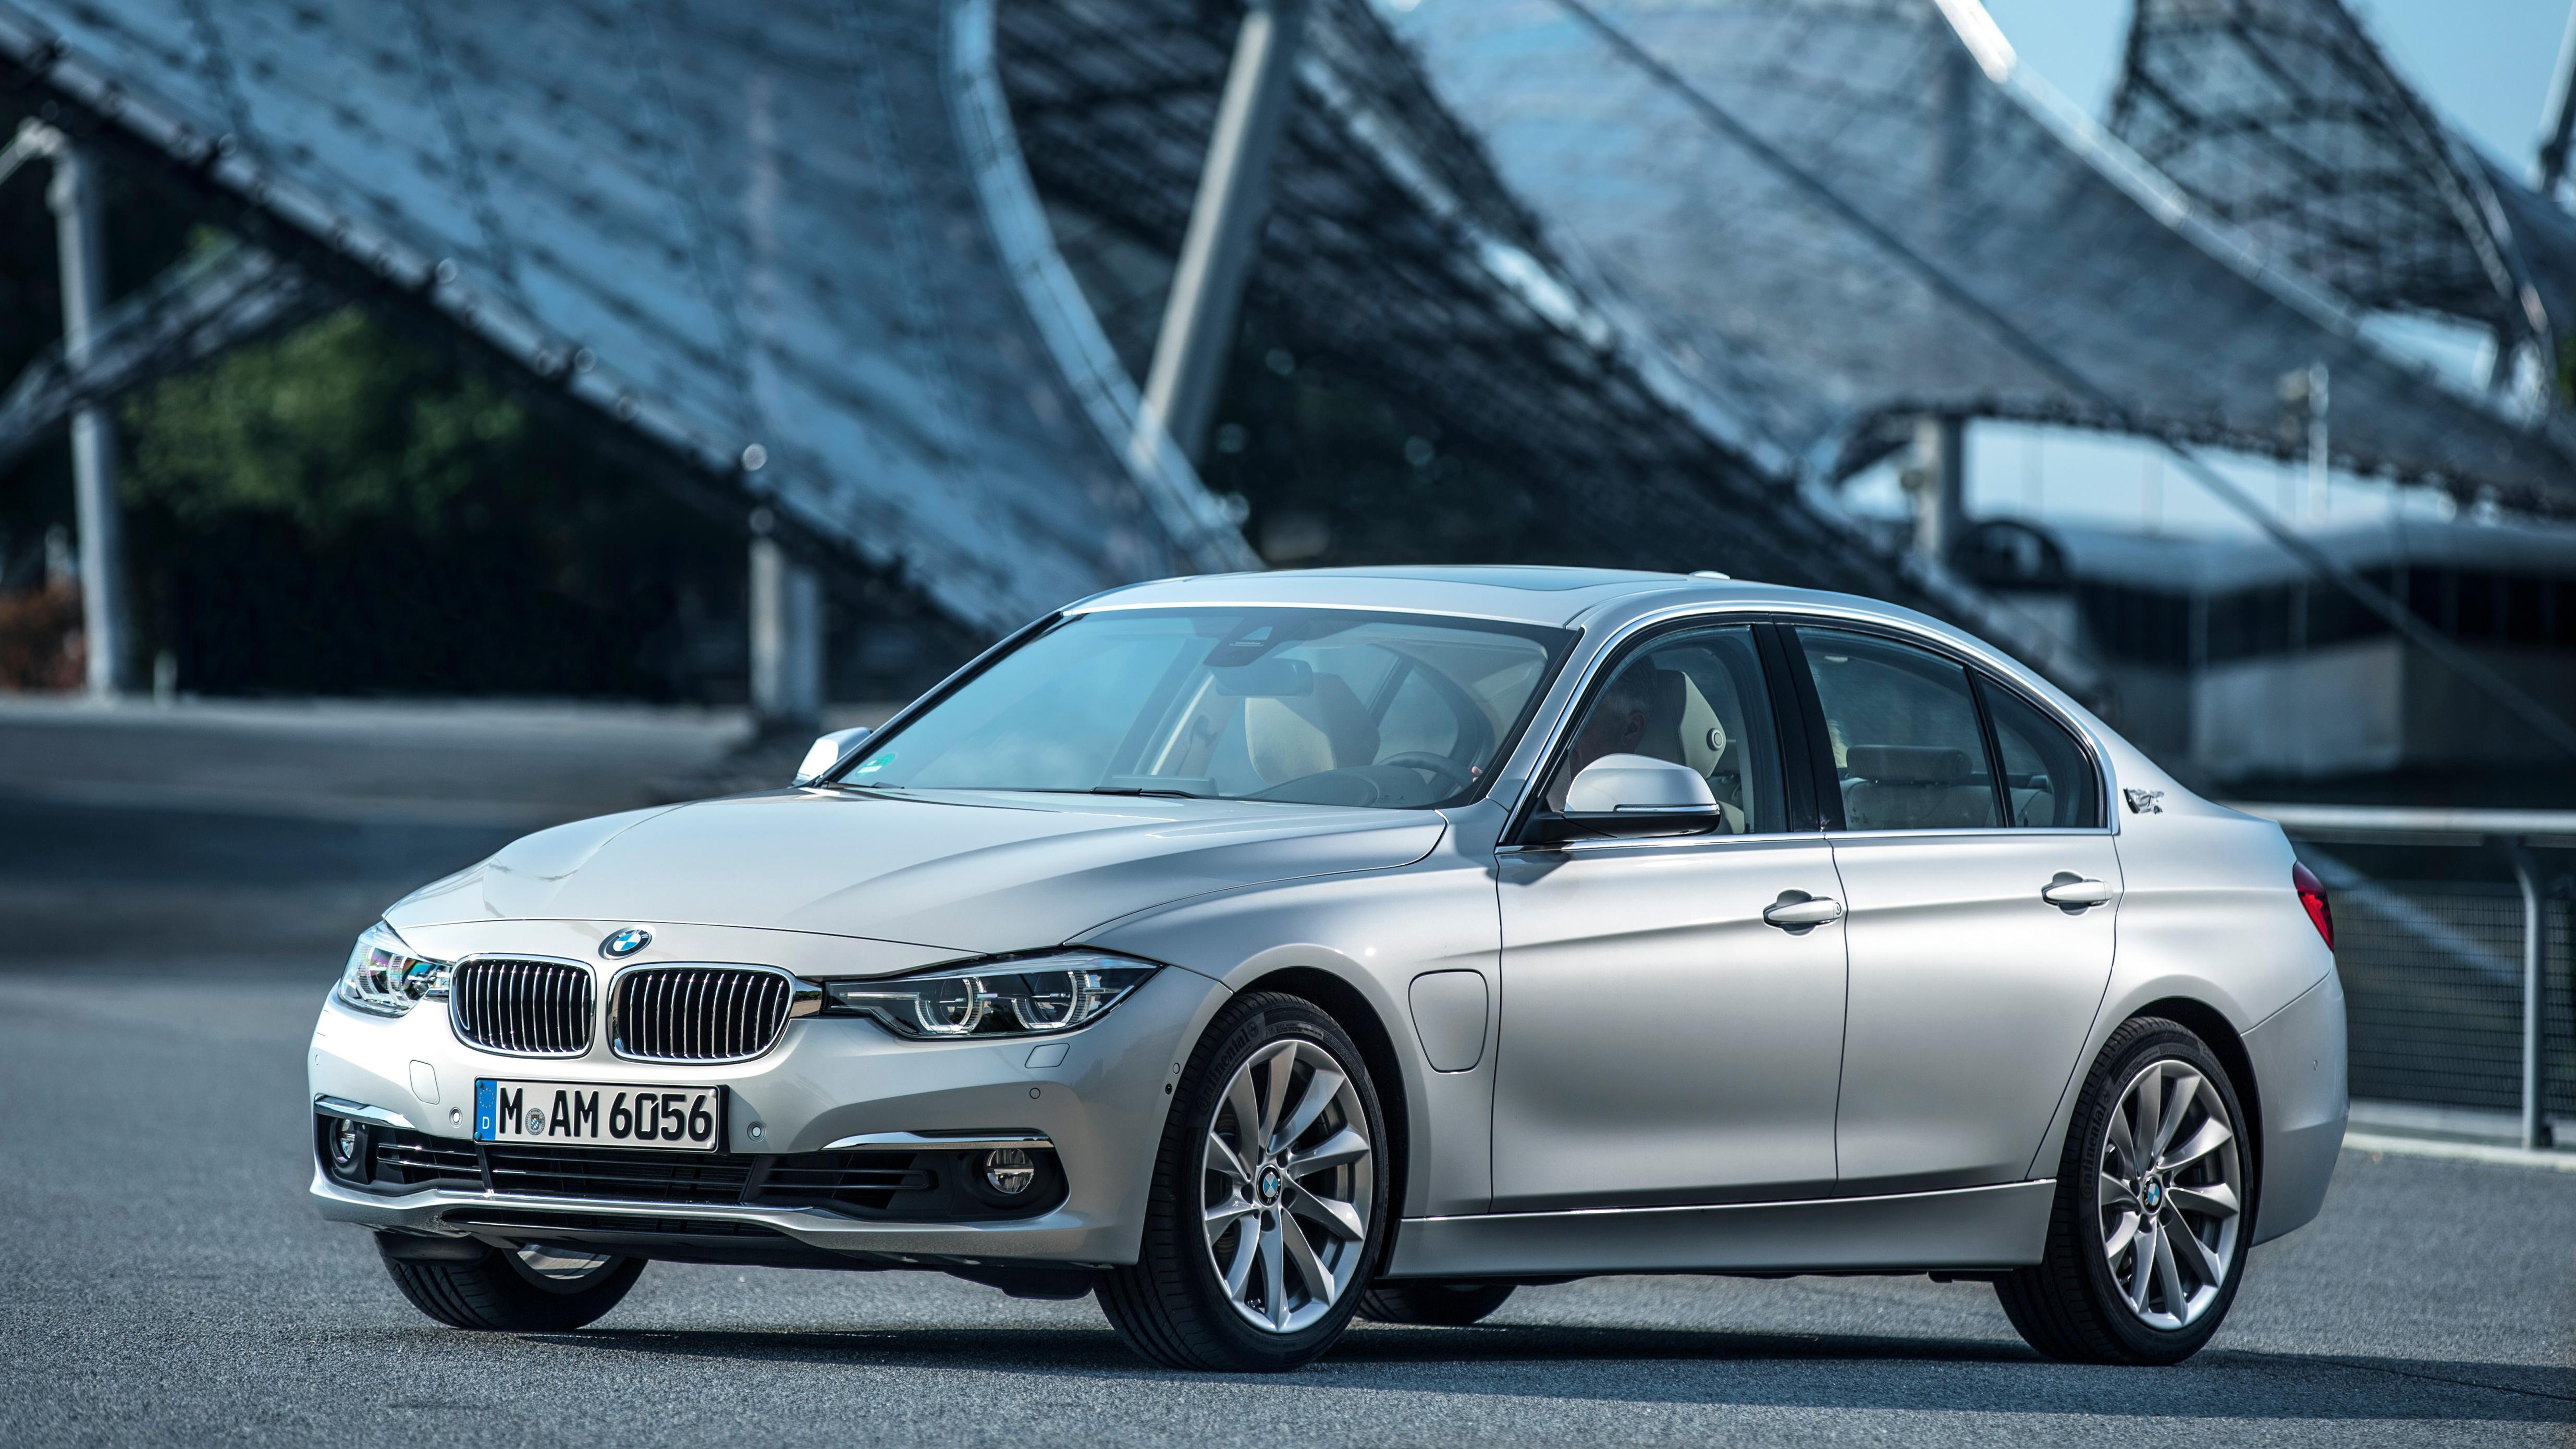 Jetzt wirds elektrisch: Neues aus dem Hause BMW